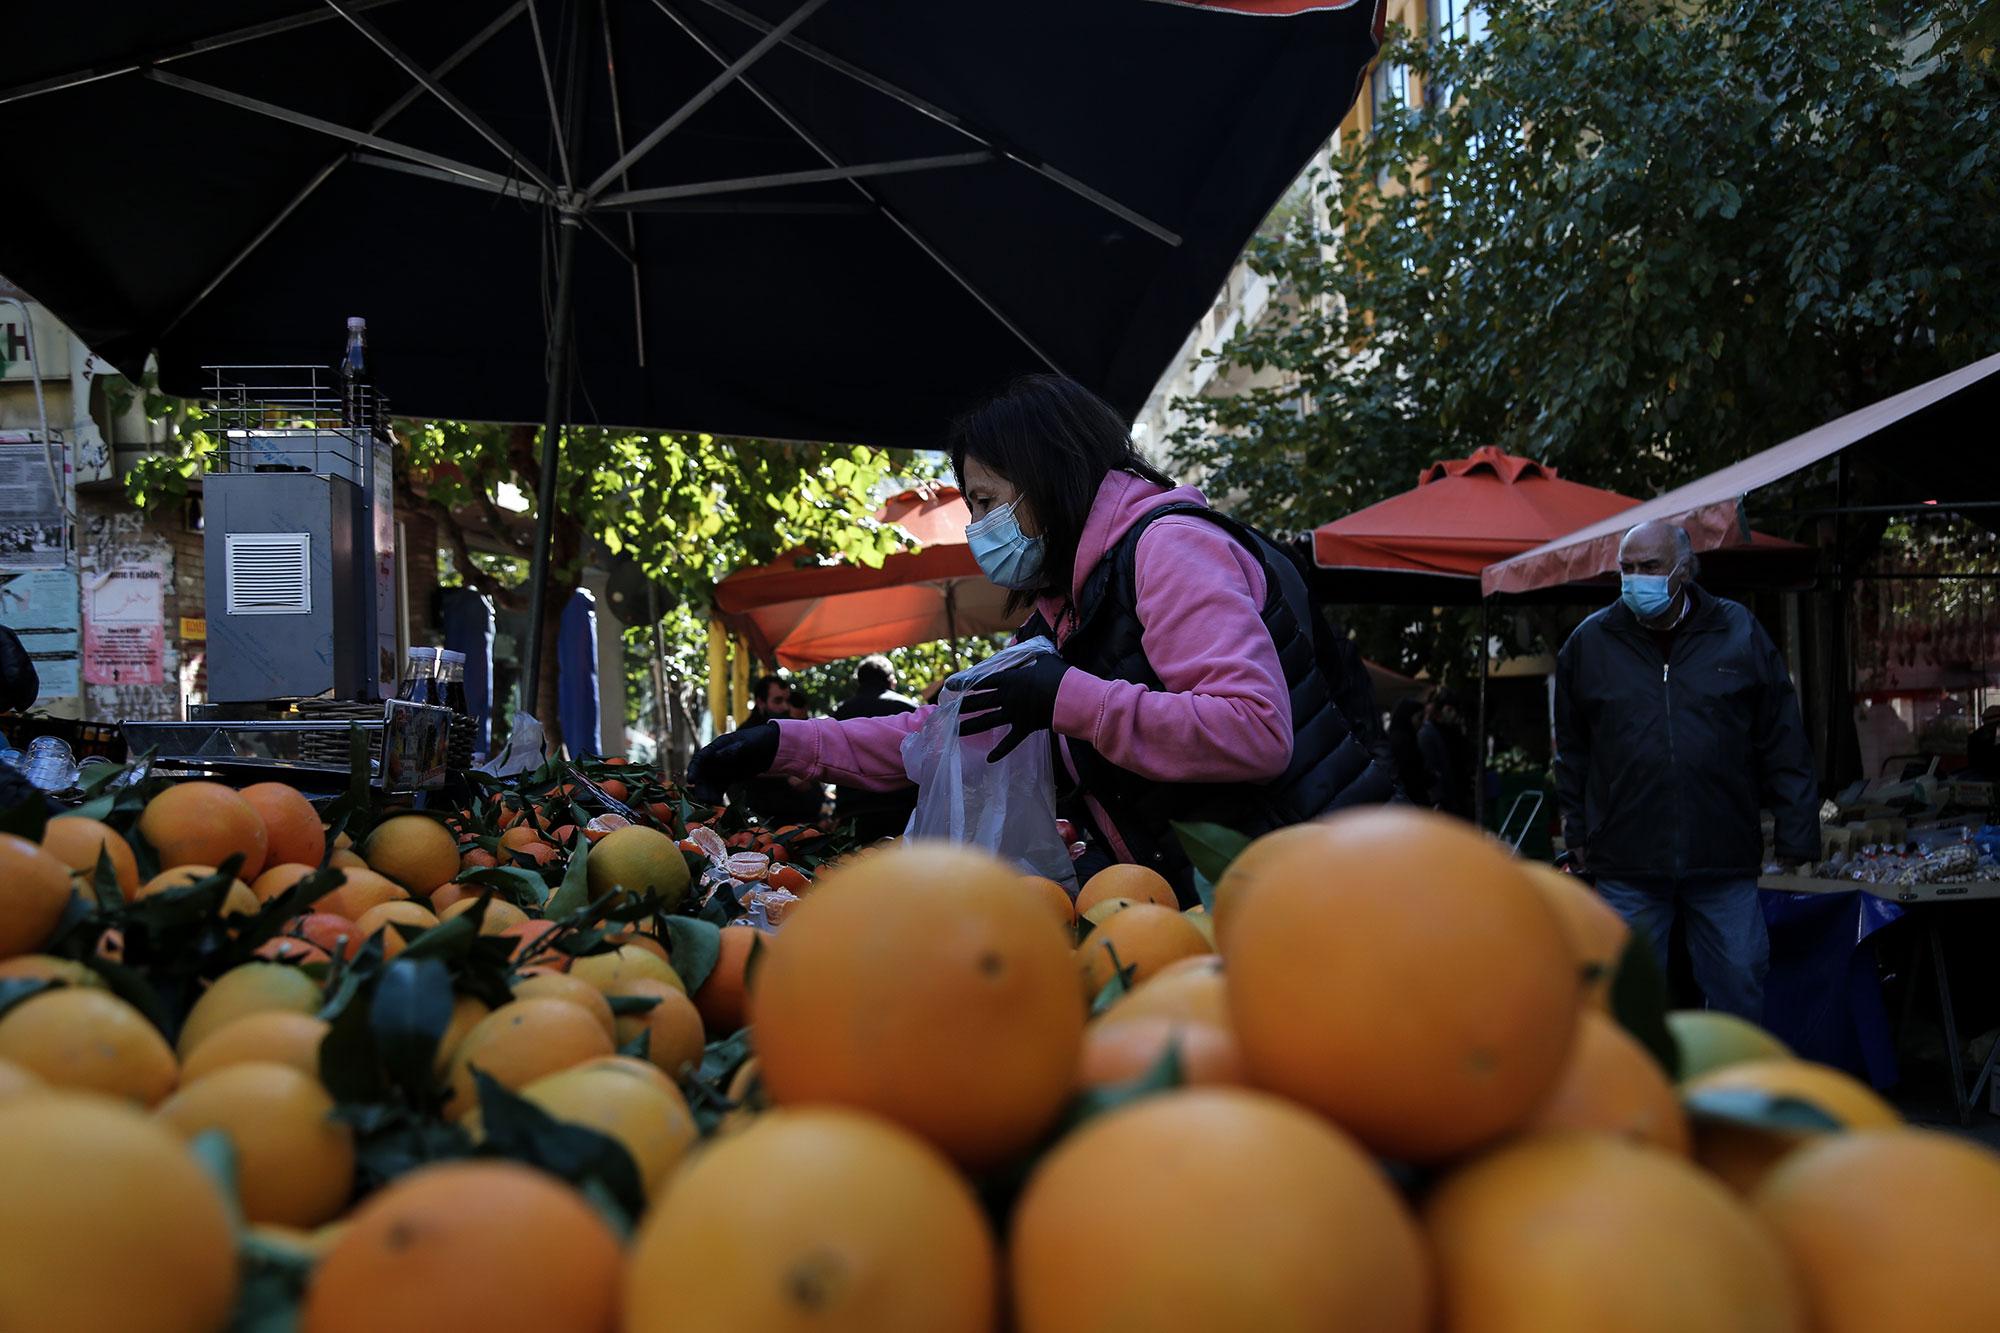 Επαναλειτουργούν τα Σάββατα οι λαϊκές αγορές που ήταν σε αναστολή